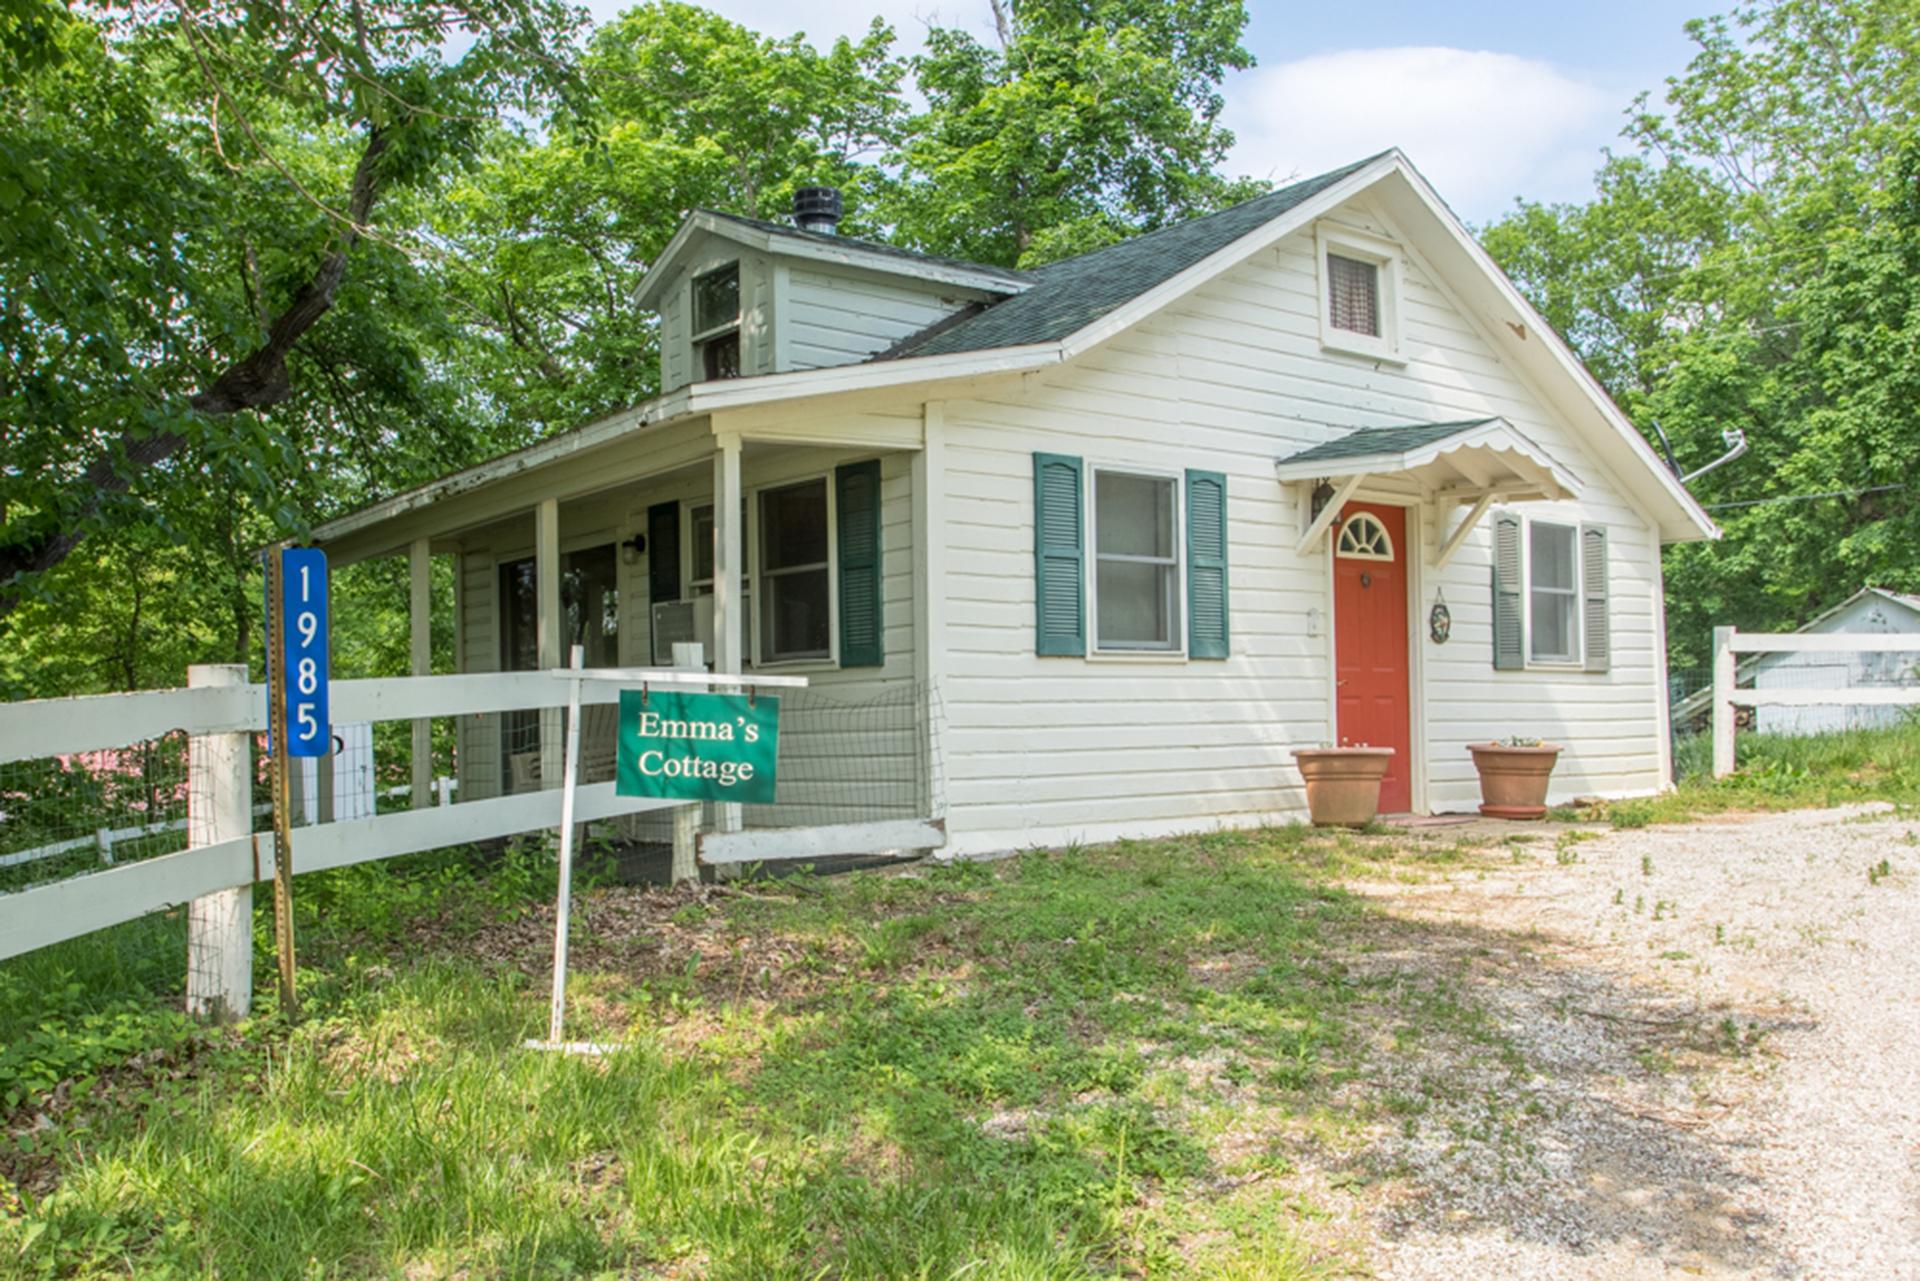 Emma's Cottage House | Enjoy Illinois on